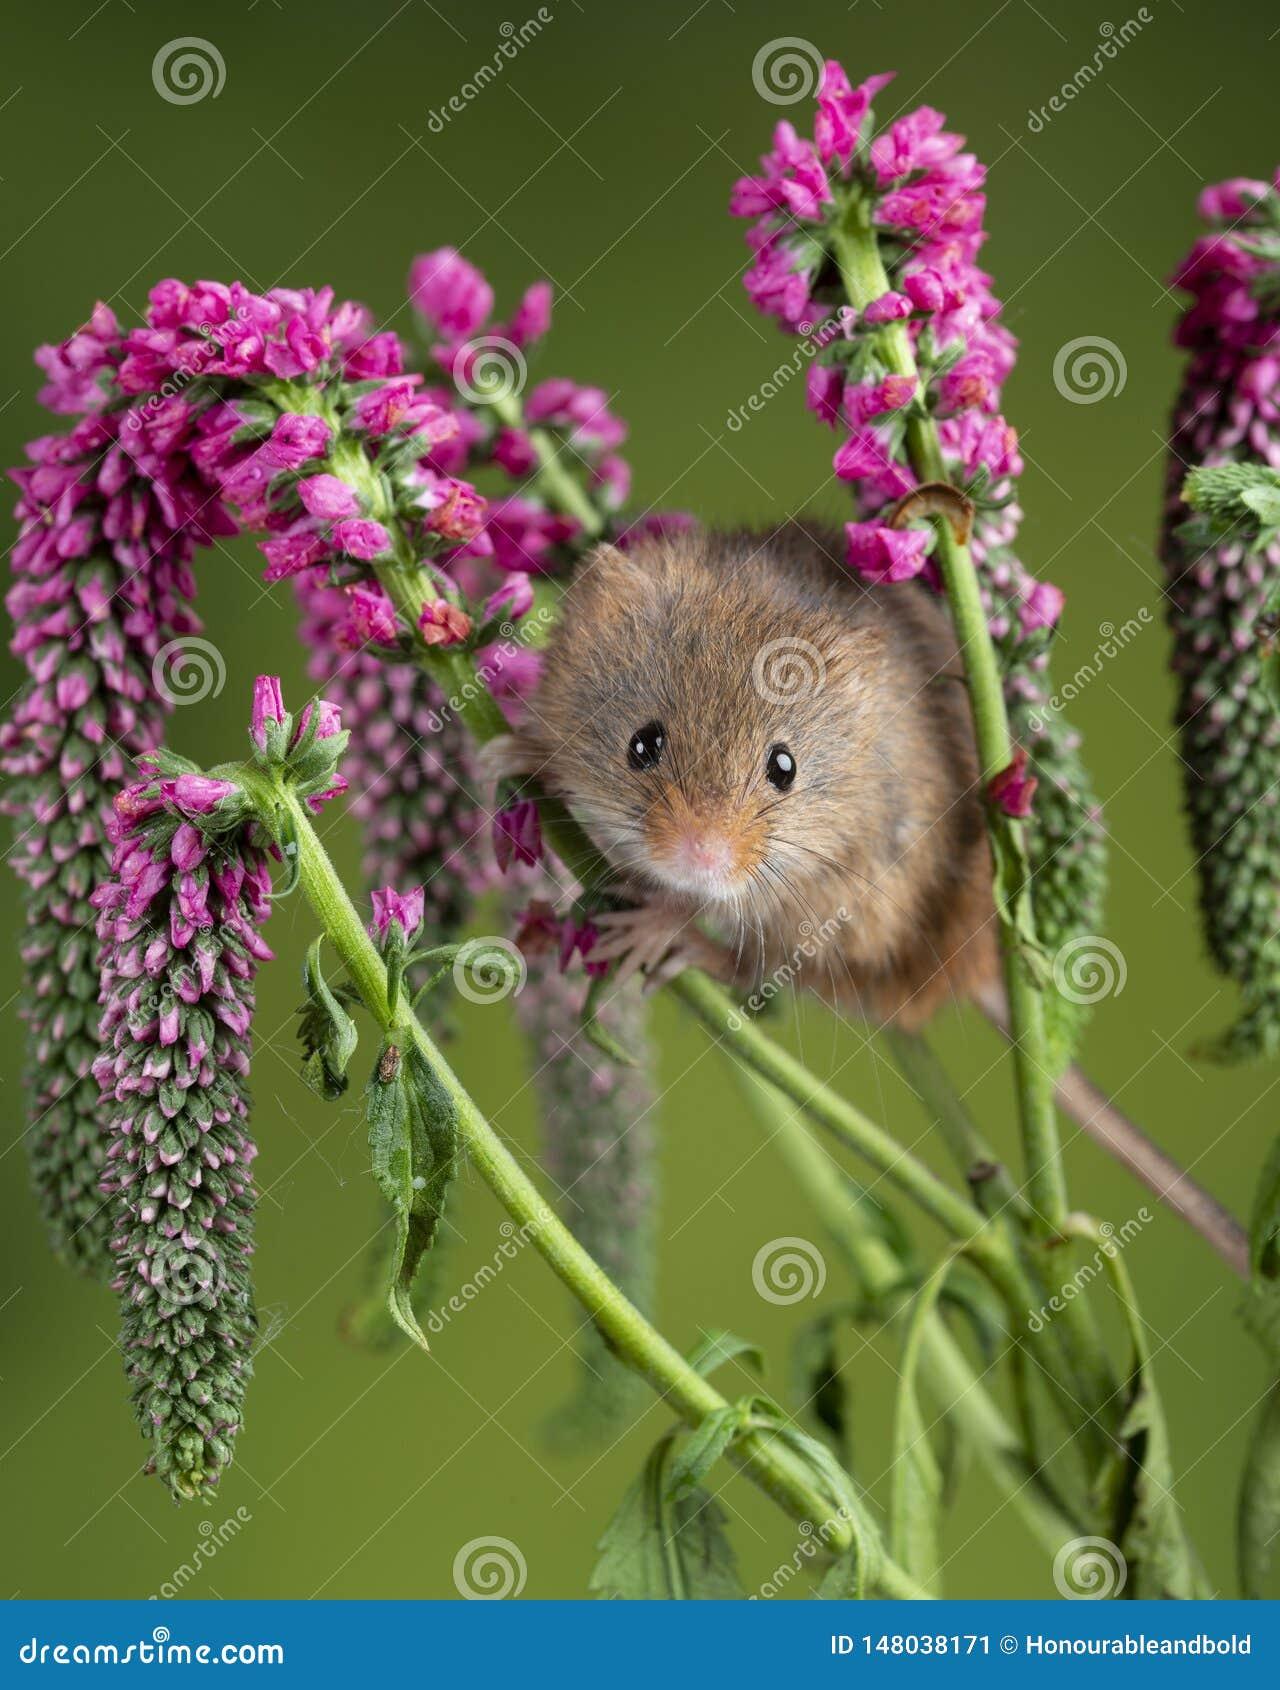 Minutus lindo adorable de los micromys del ratón de cosecha en follaje rojo de la flor con el fondo verde neutral de la naturalez